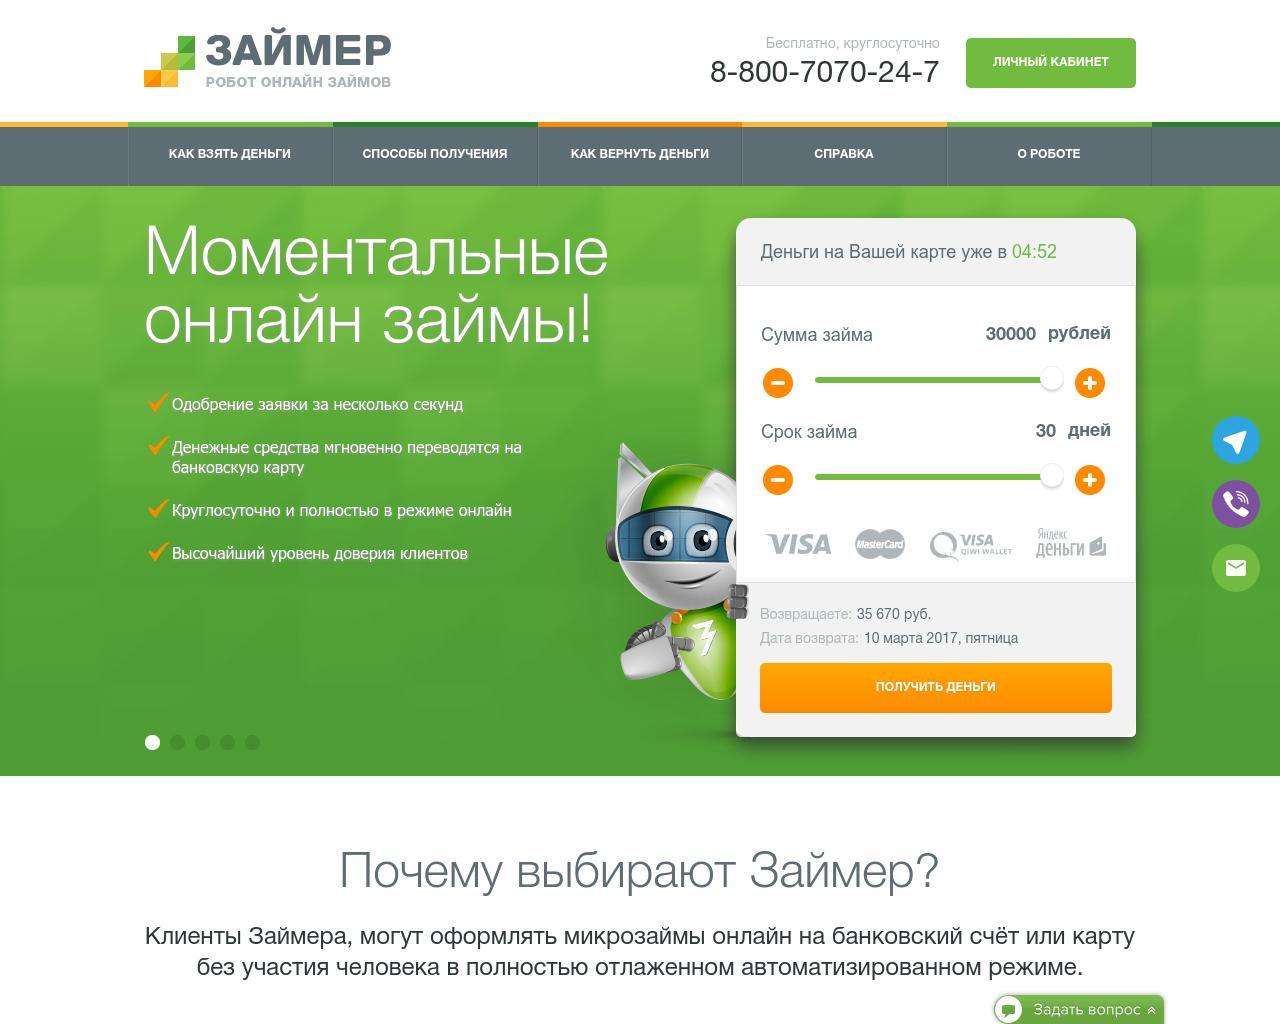 Онлайн займ на 2 месяца частный займ без залога екатеринбург